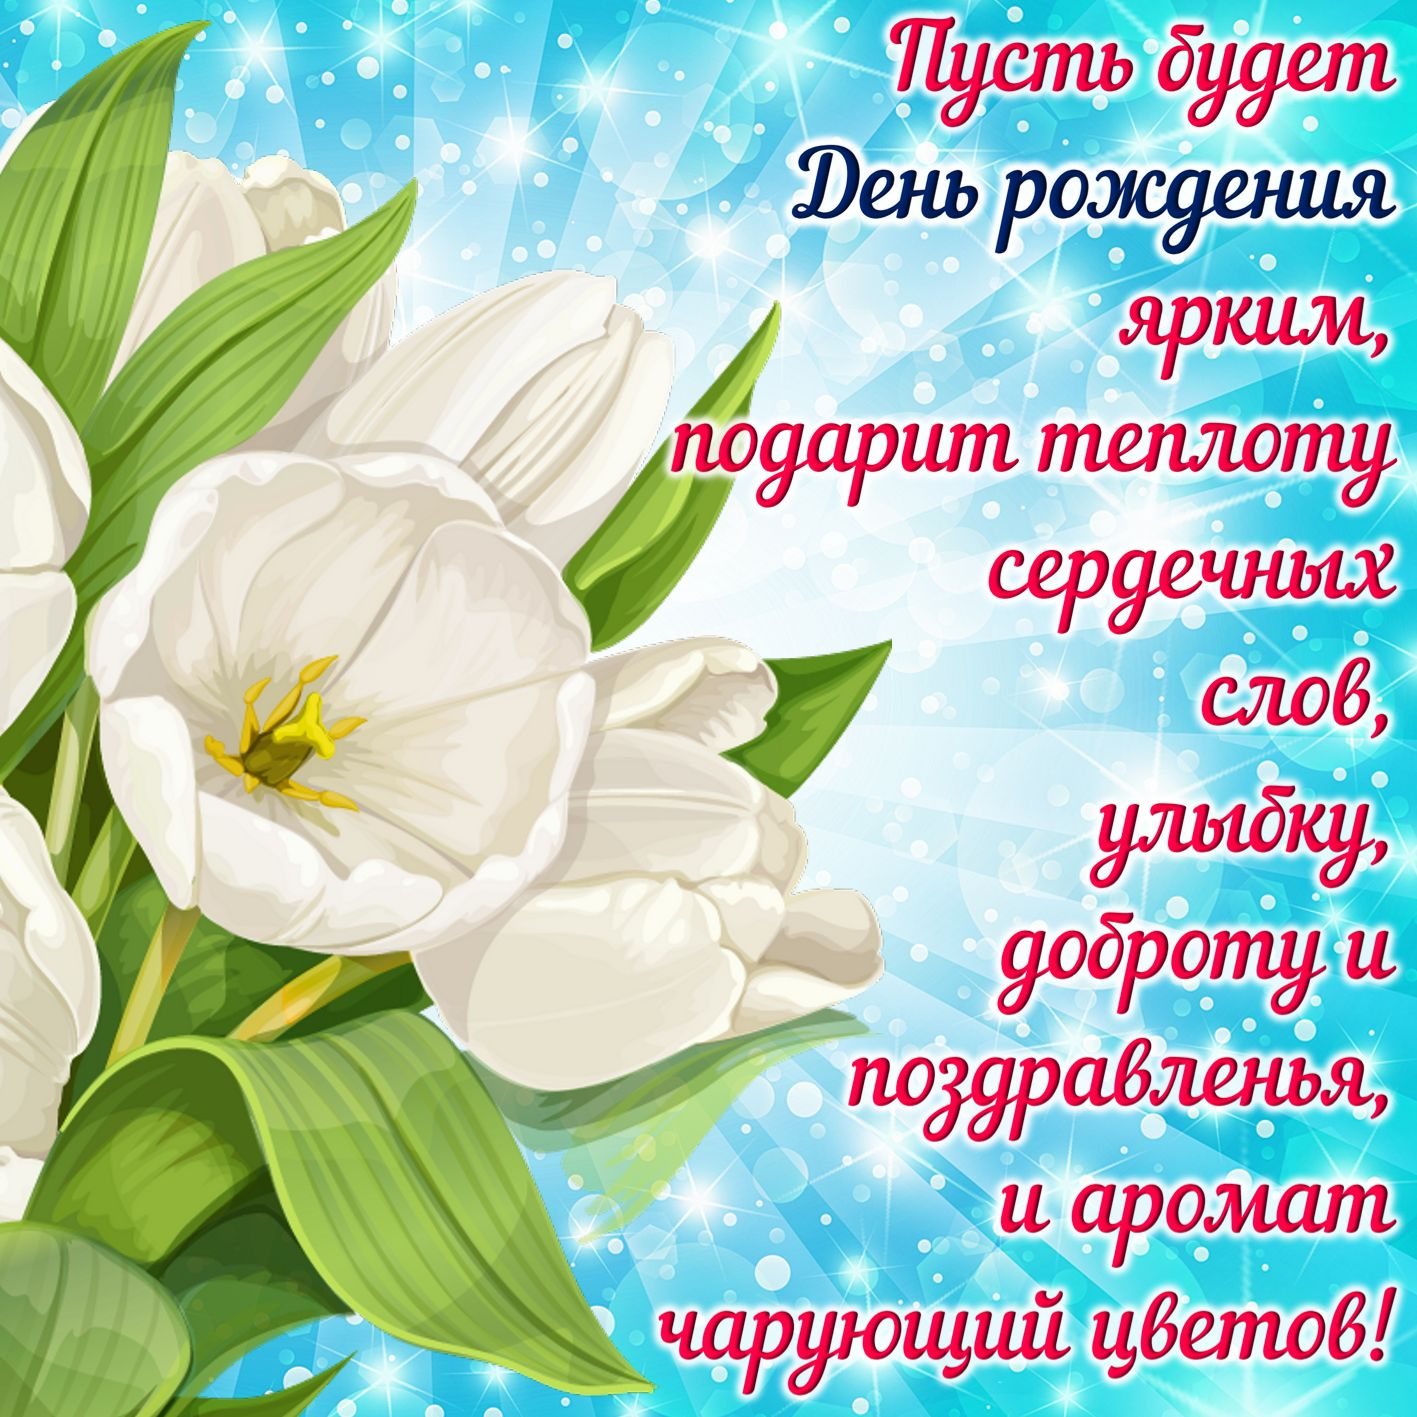 всего для поздравления в стихах любительнице цветов радостью музыкант поделился